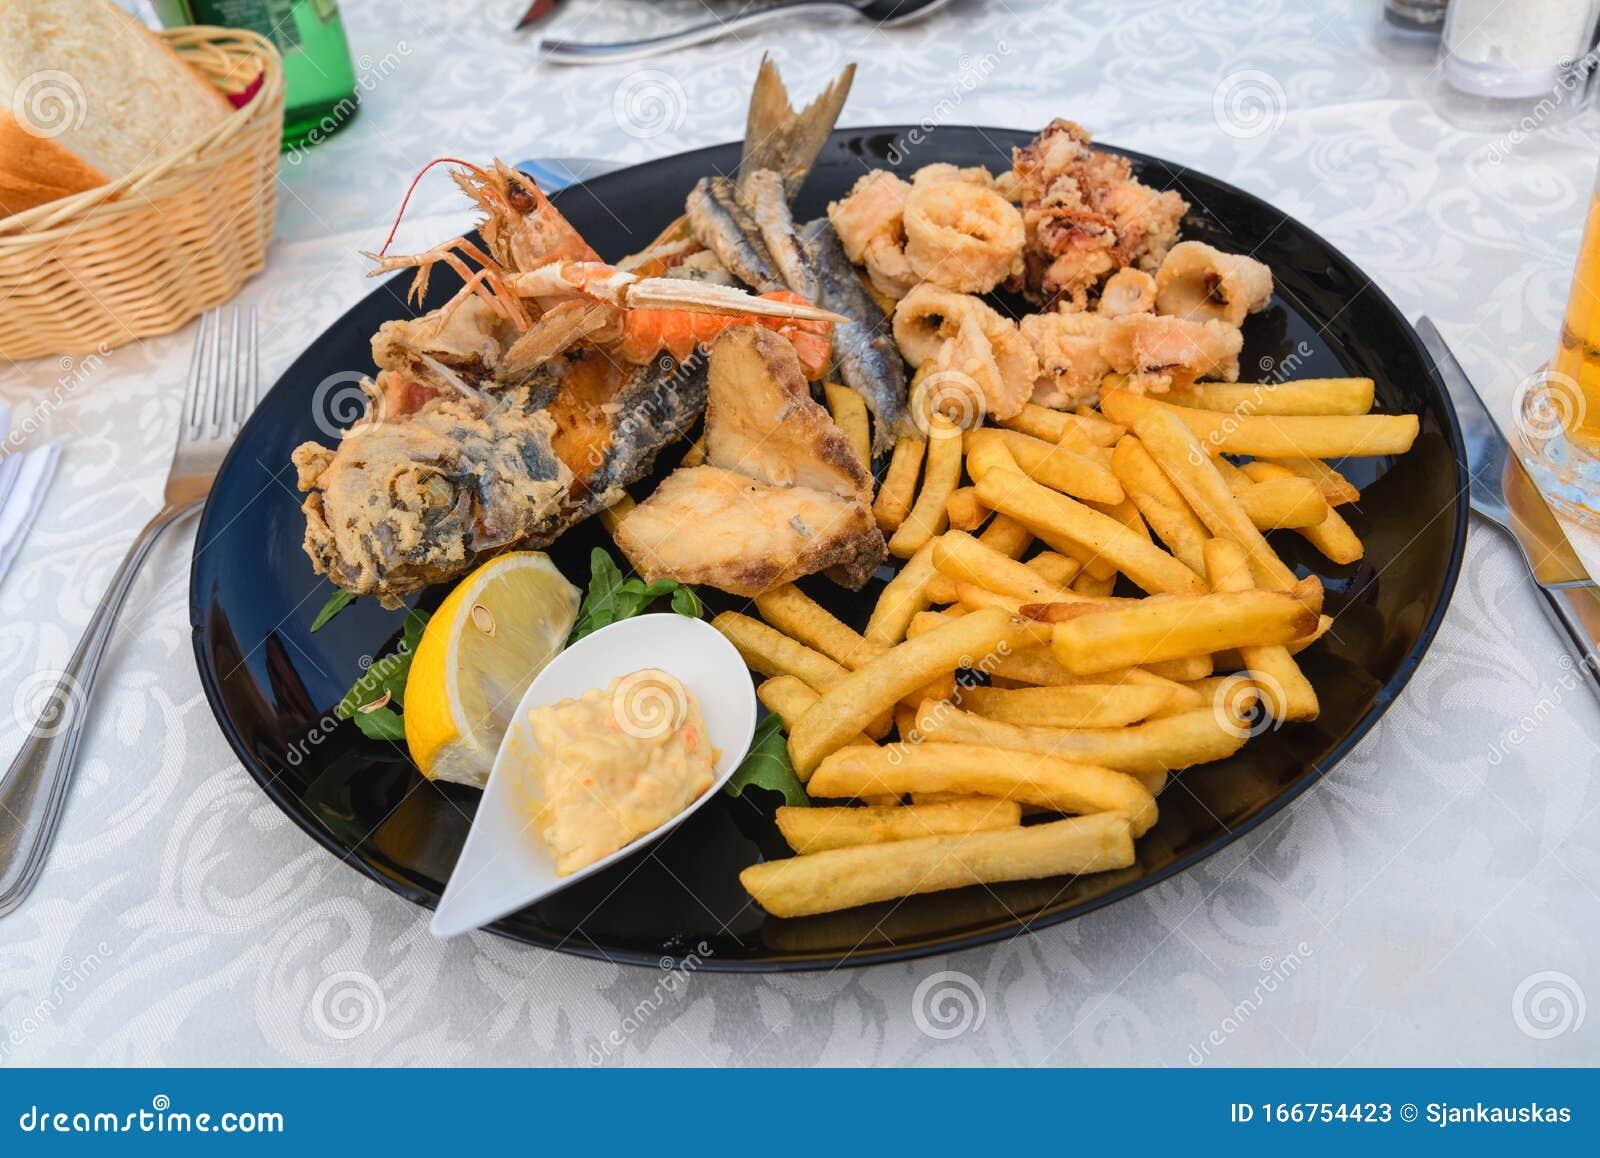 Frittierter Fischplatte Mit Pommes Frites Restaurant Mit Meeresfruchten Mediterrane Kuche Stockbild Bild Von Pommes Meeresfruchten 166754423